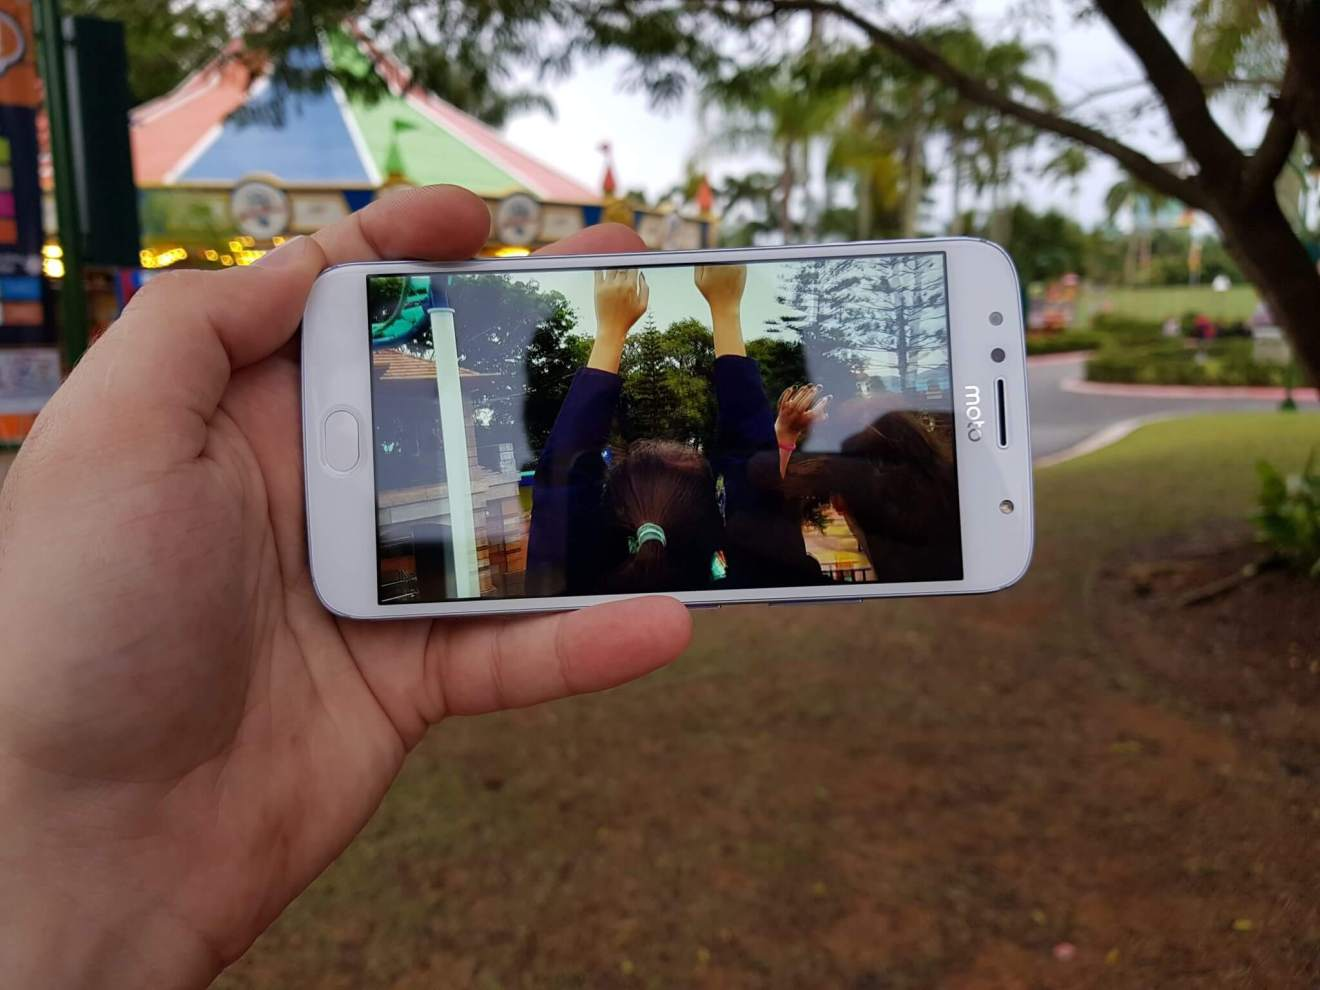 20170930 172504 - Review: Moto G5S Plus, o intermediário com câmera dupla